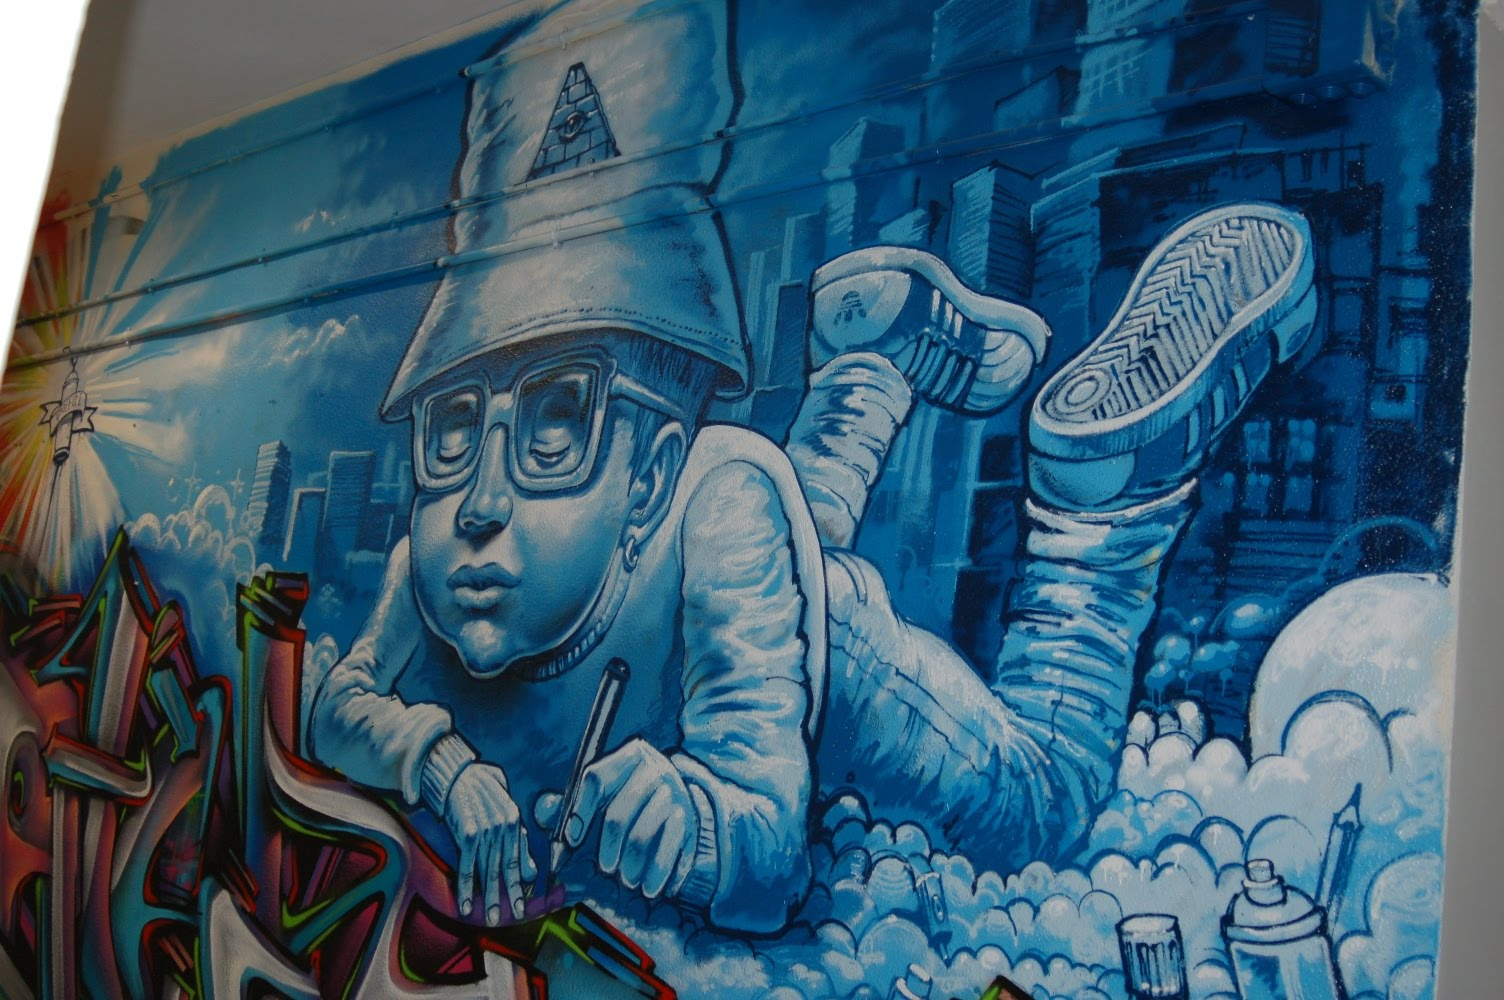 Impresionantes Graffitis (Muchas imagenes)